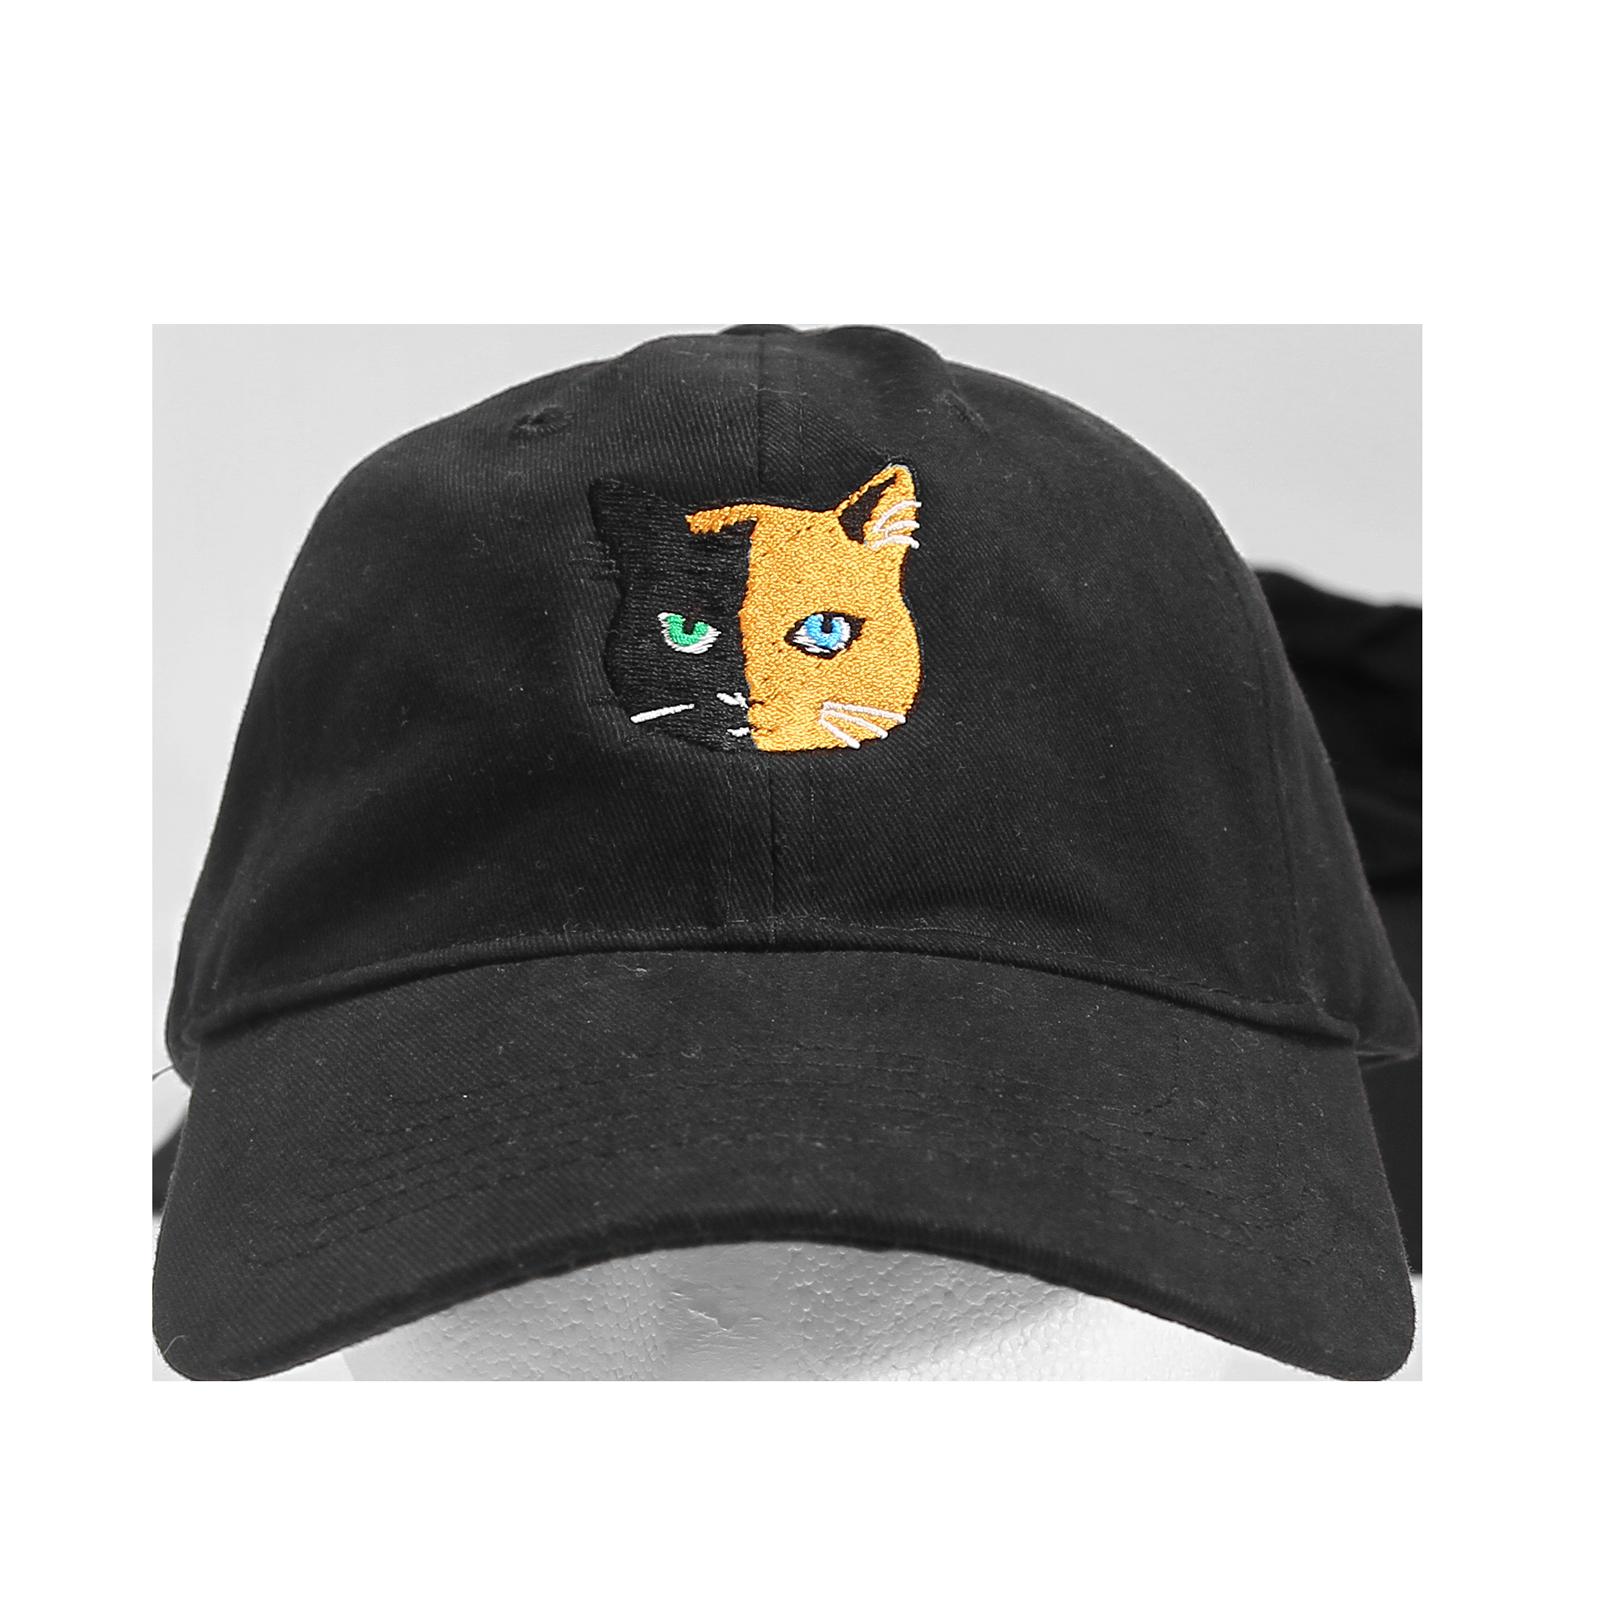 Venus - Black Dad Hat